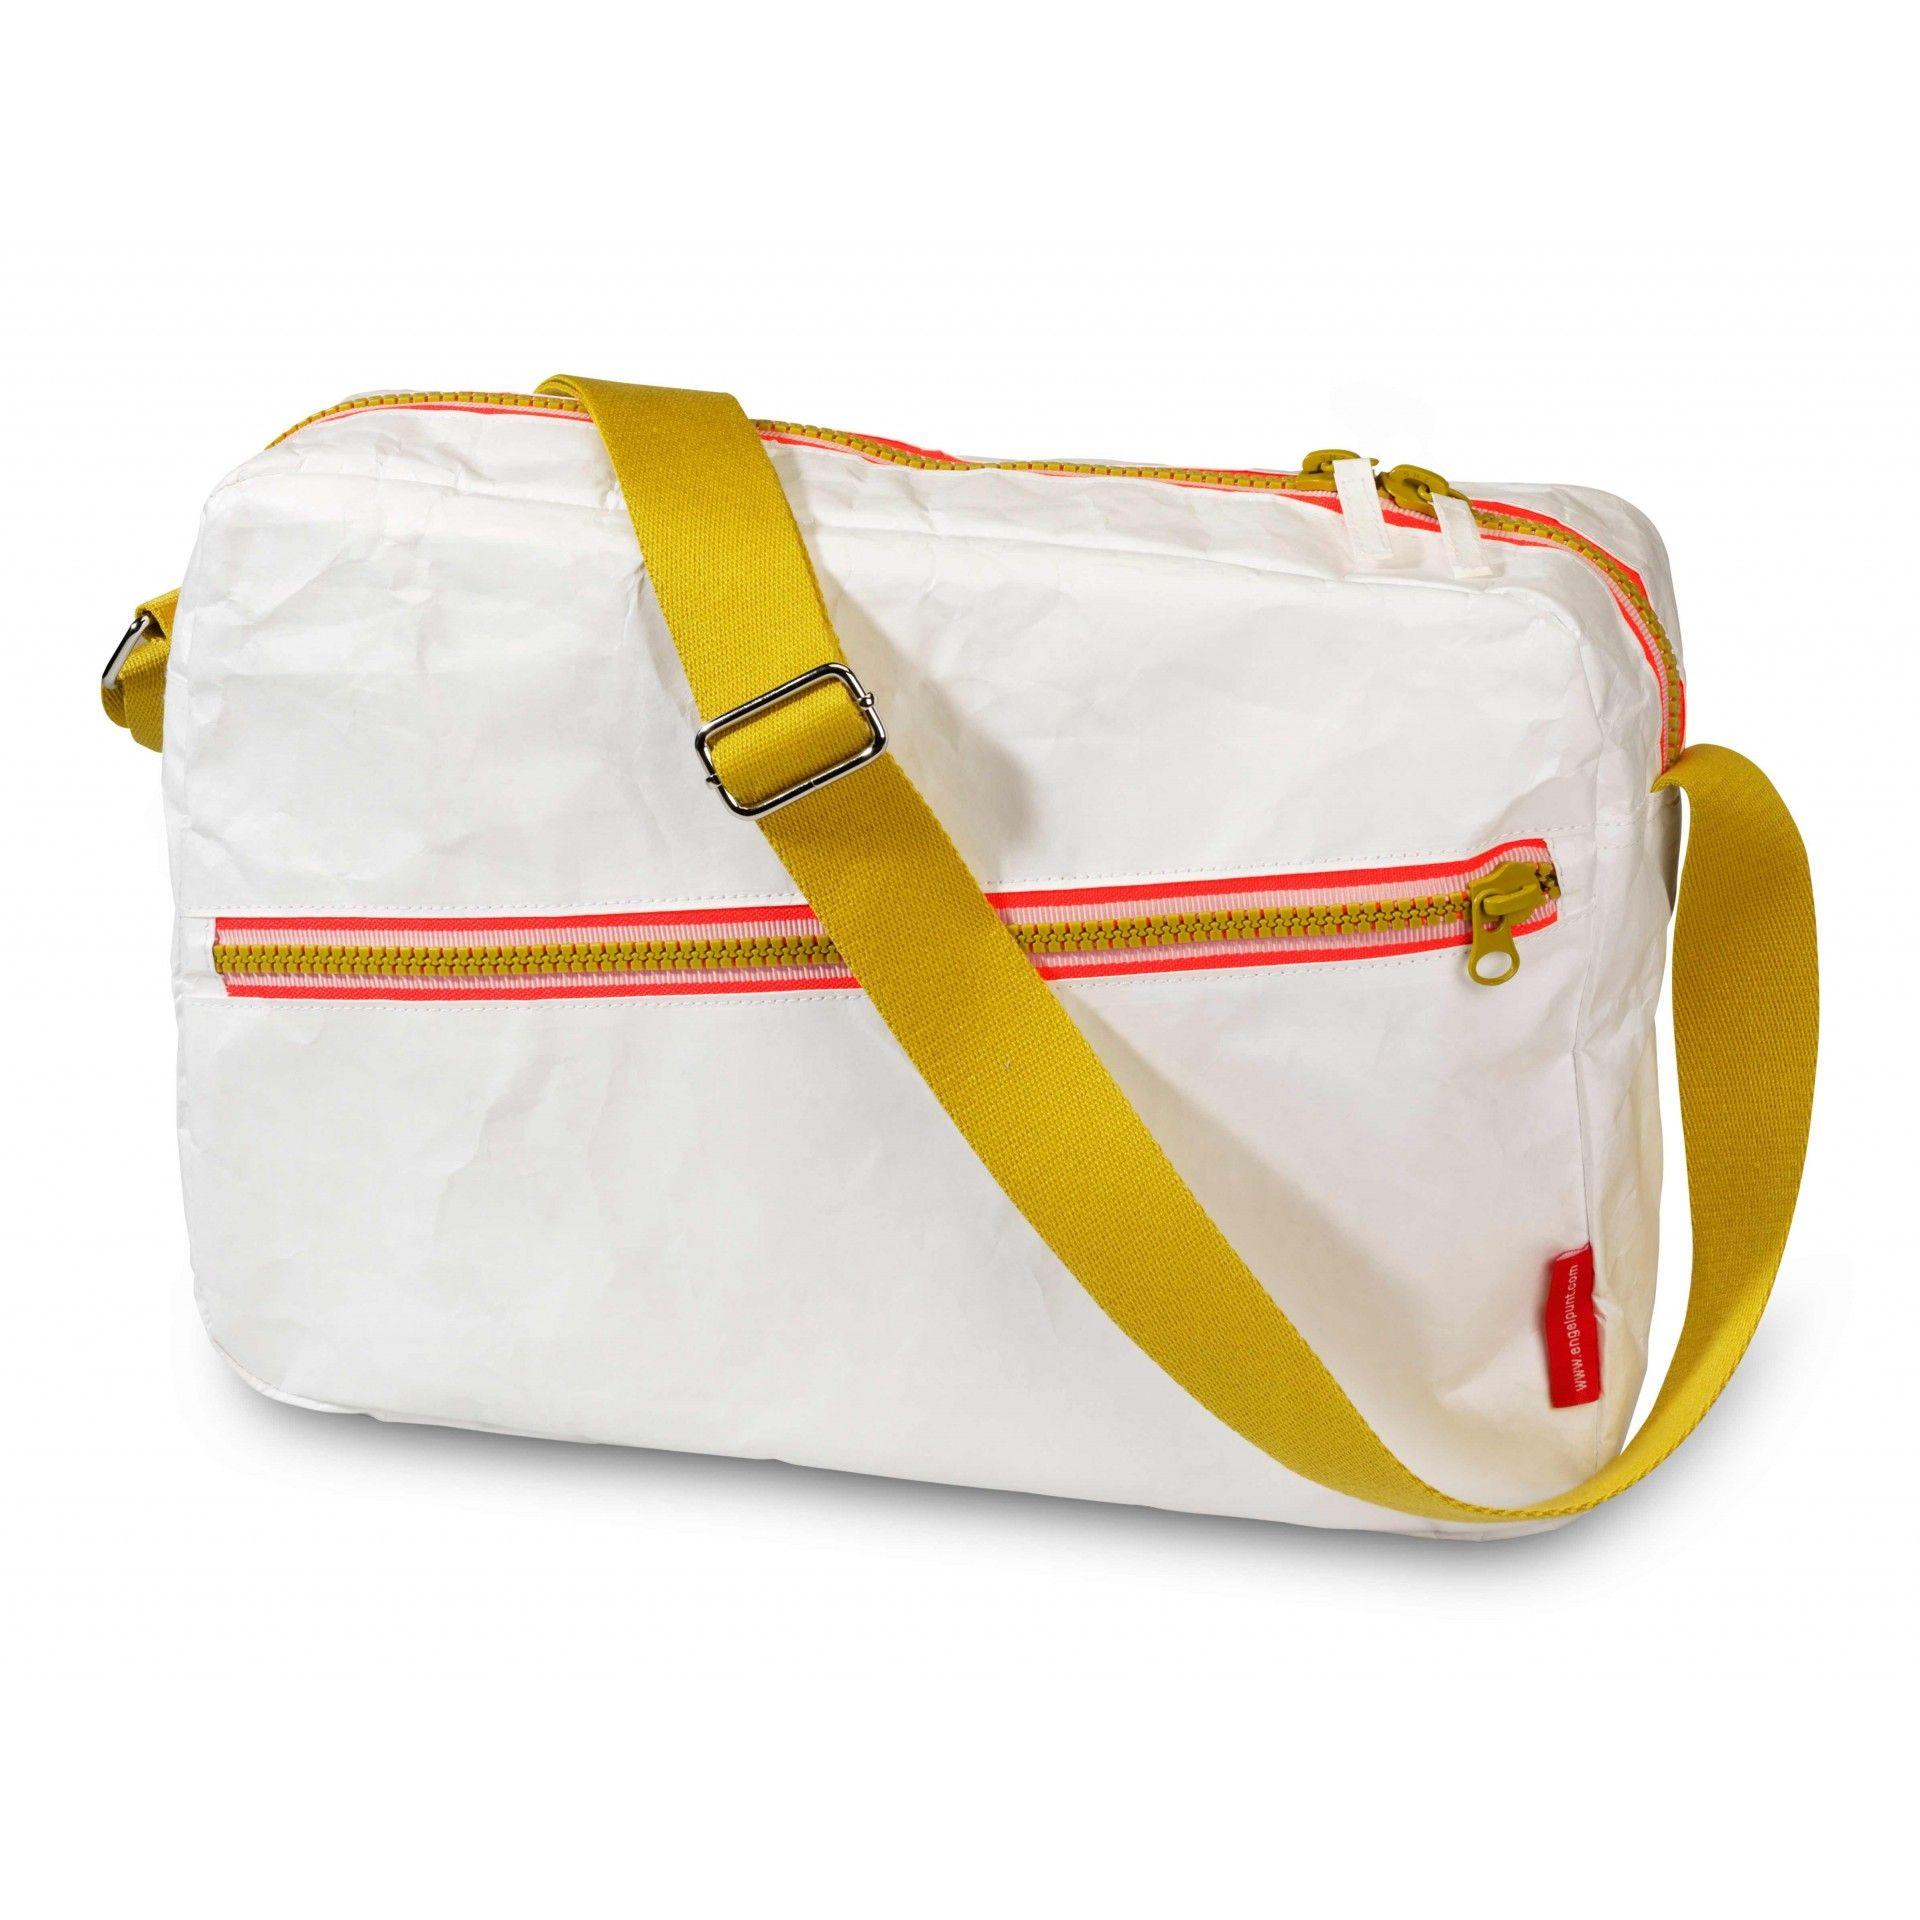 38c1db5a50d Engel Ταχυδρομική Τσάντα - Zipper White | Eco Friendly School Bags ...